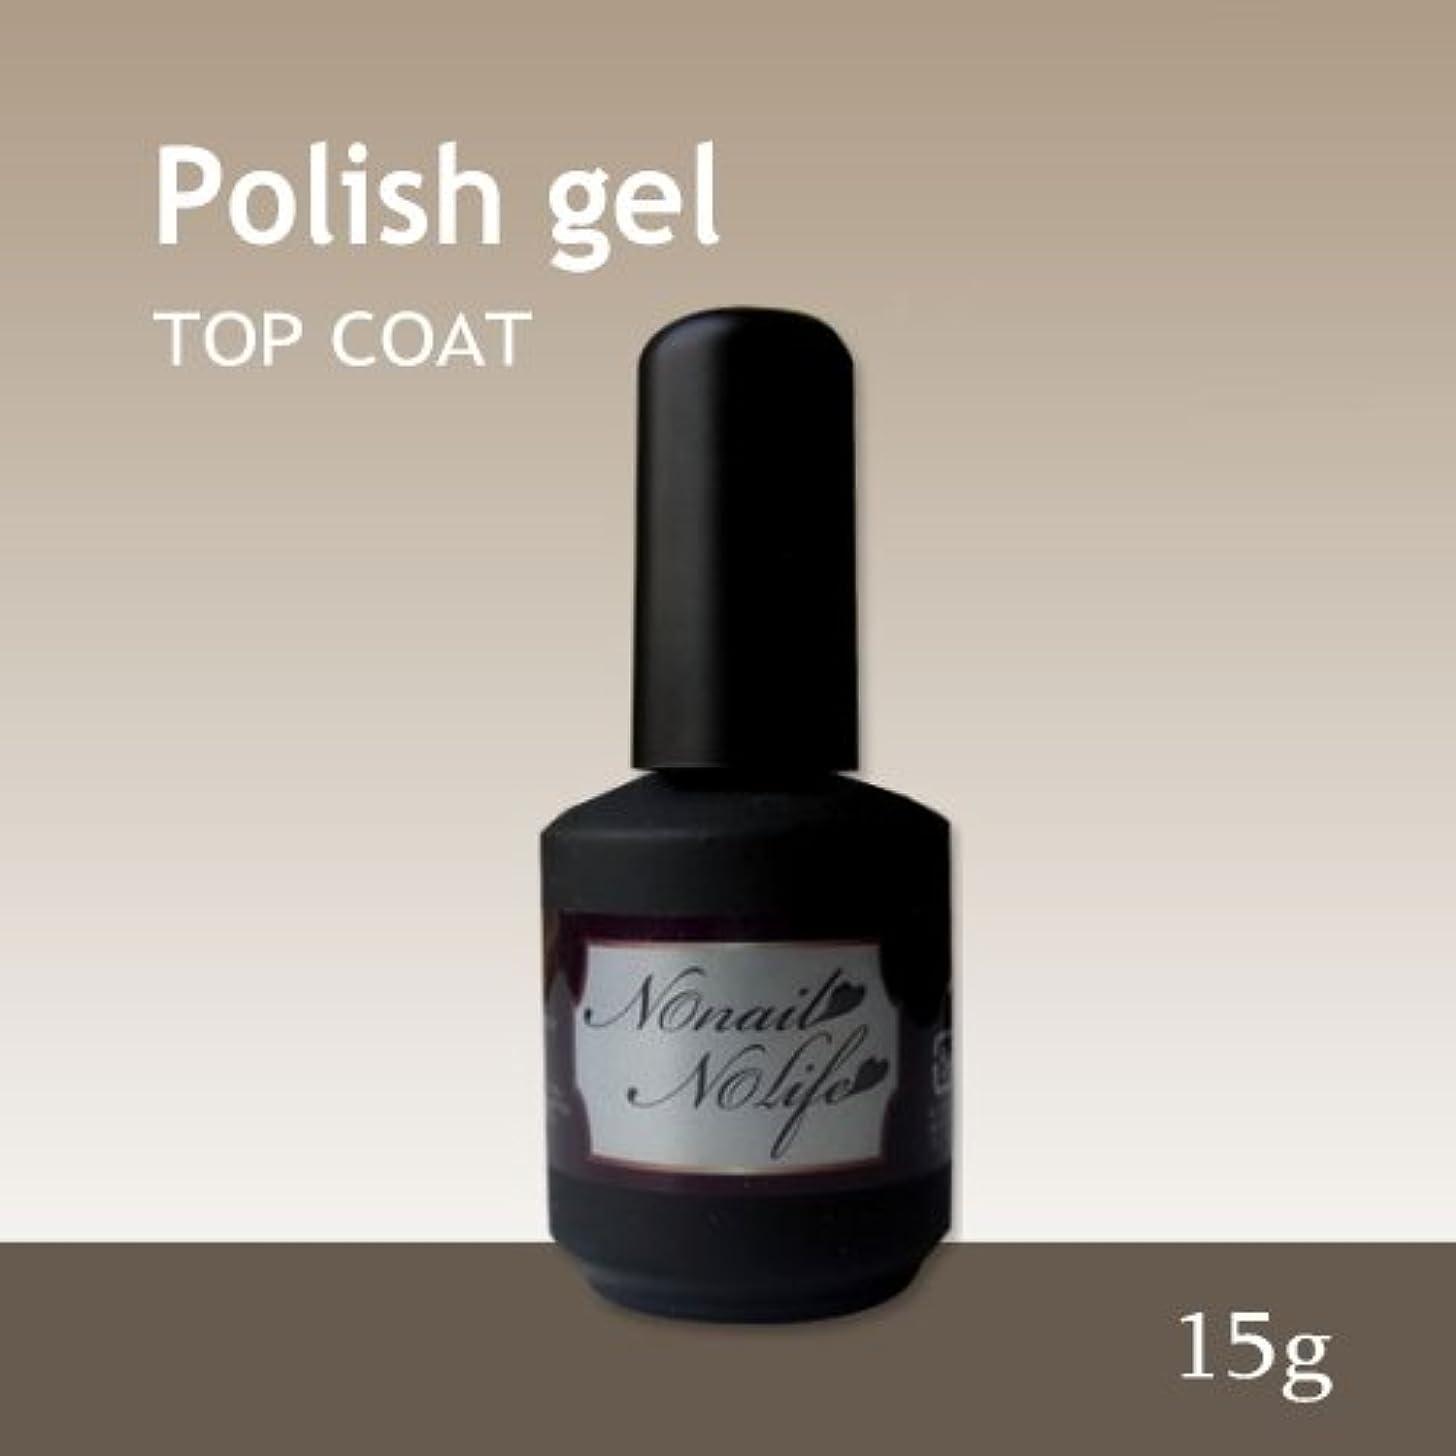 マーチャンダイジング雪スポーツジェルネイル《爪に優しいトップコートジェル》Natural Polish ポリッシュトップジェル(15g)